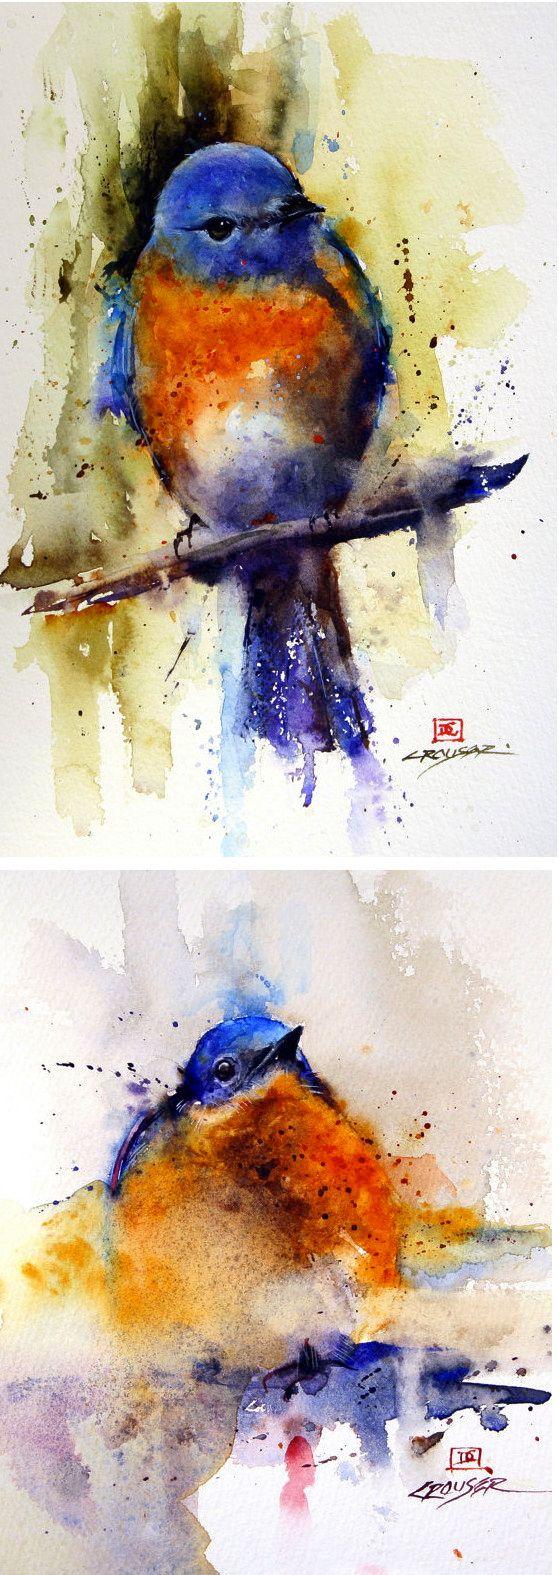 tout est multicolore - Page 38 Mcl_oi10